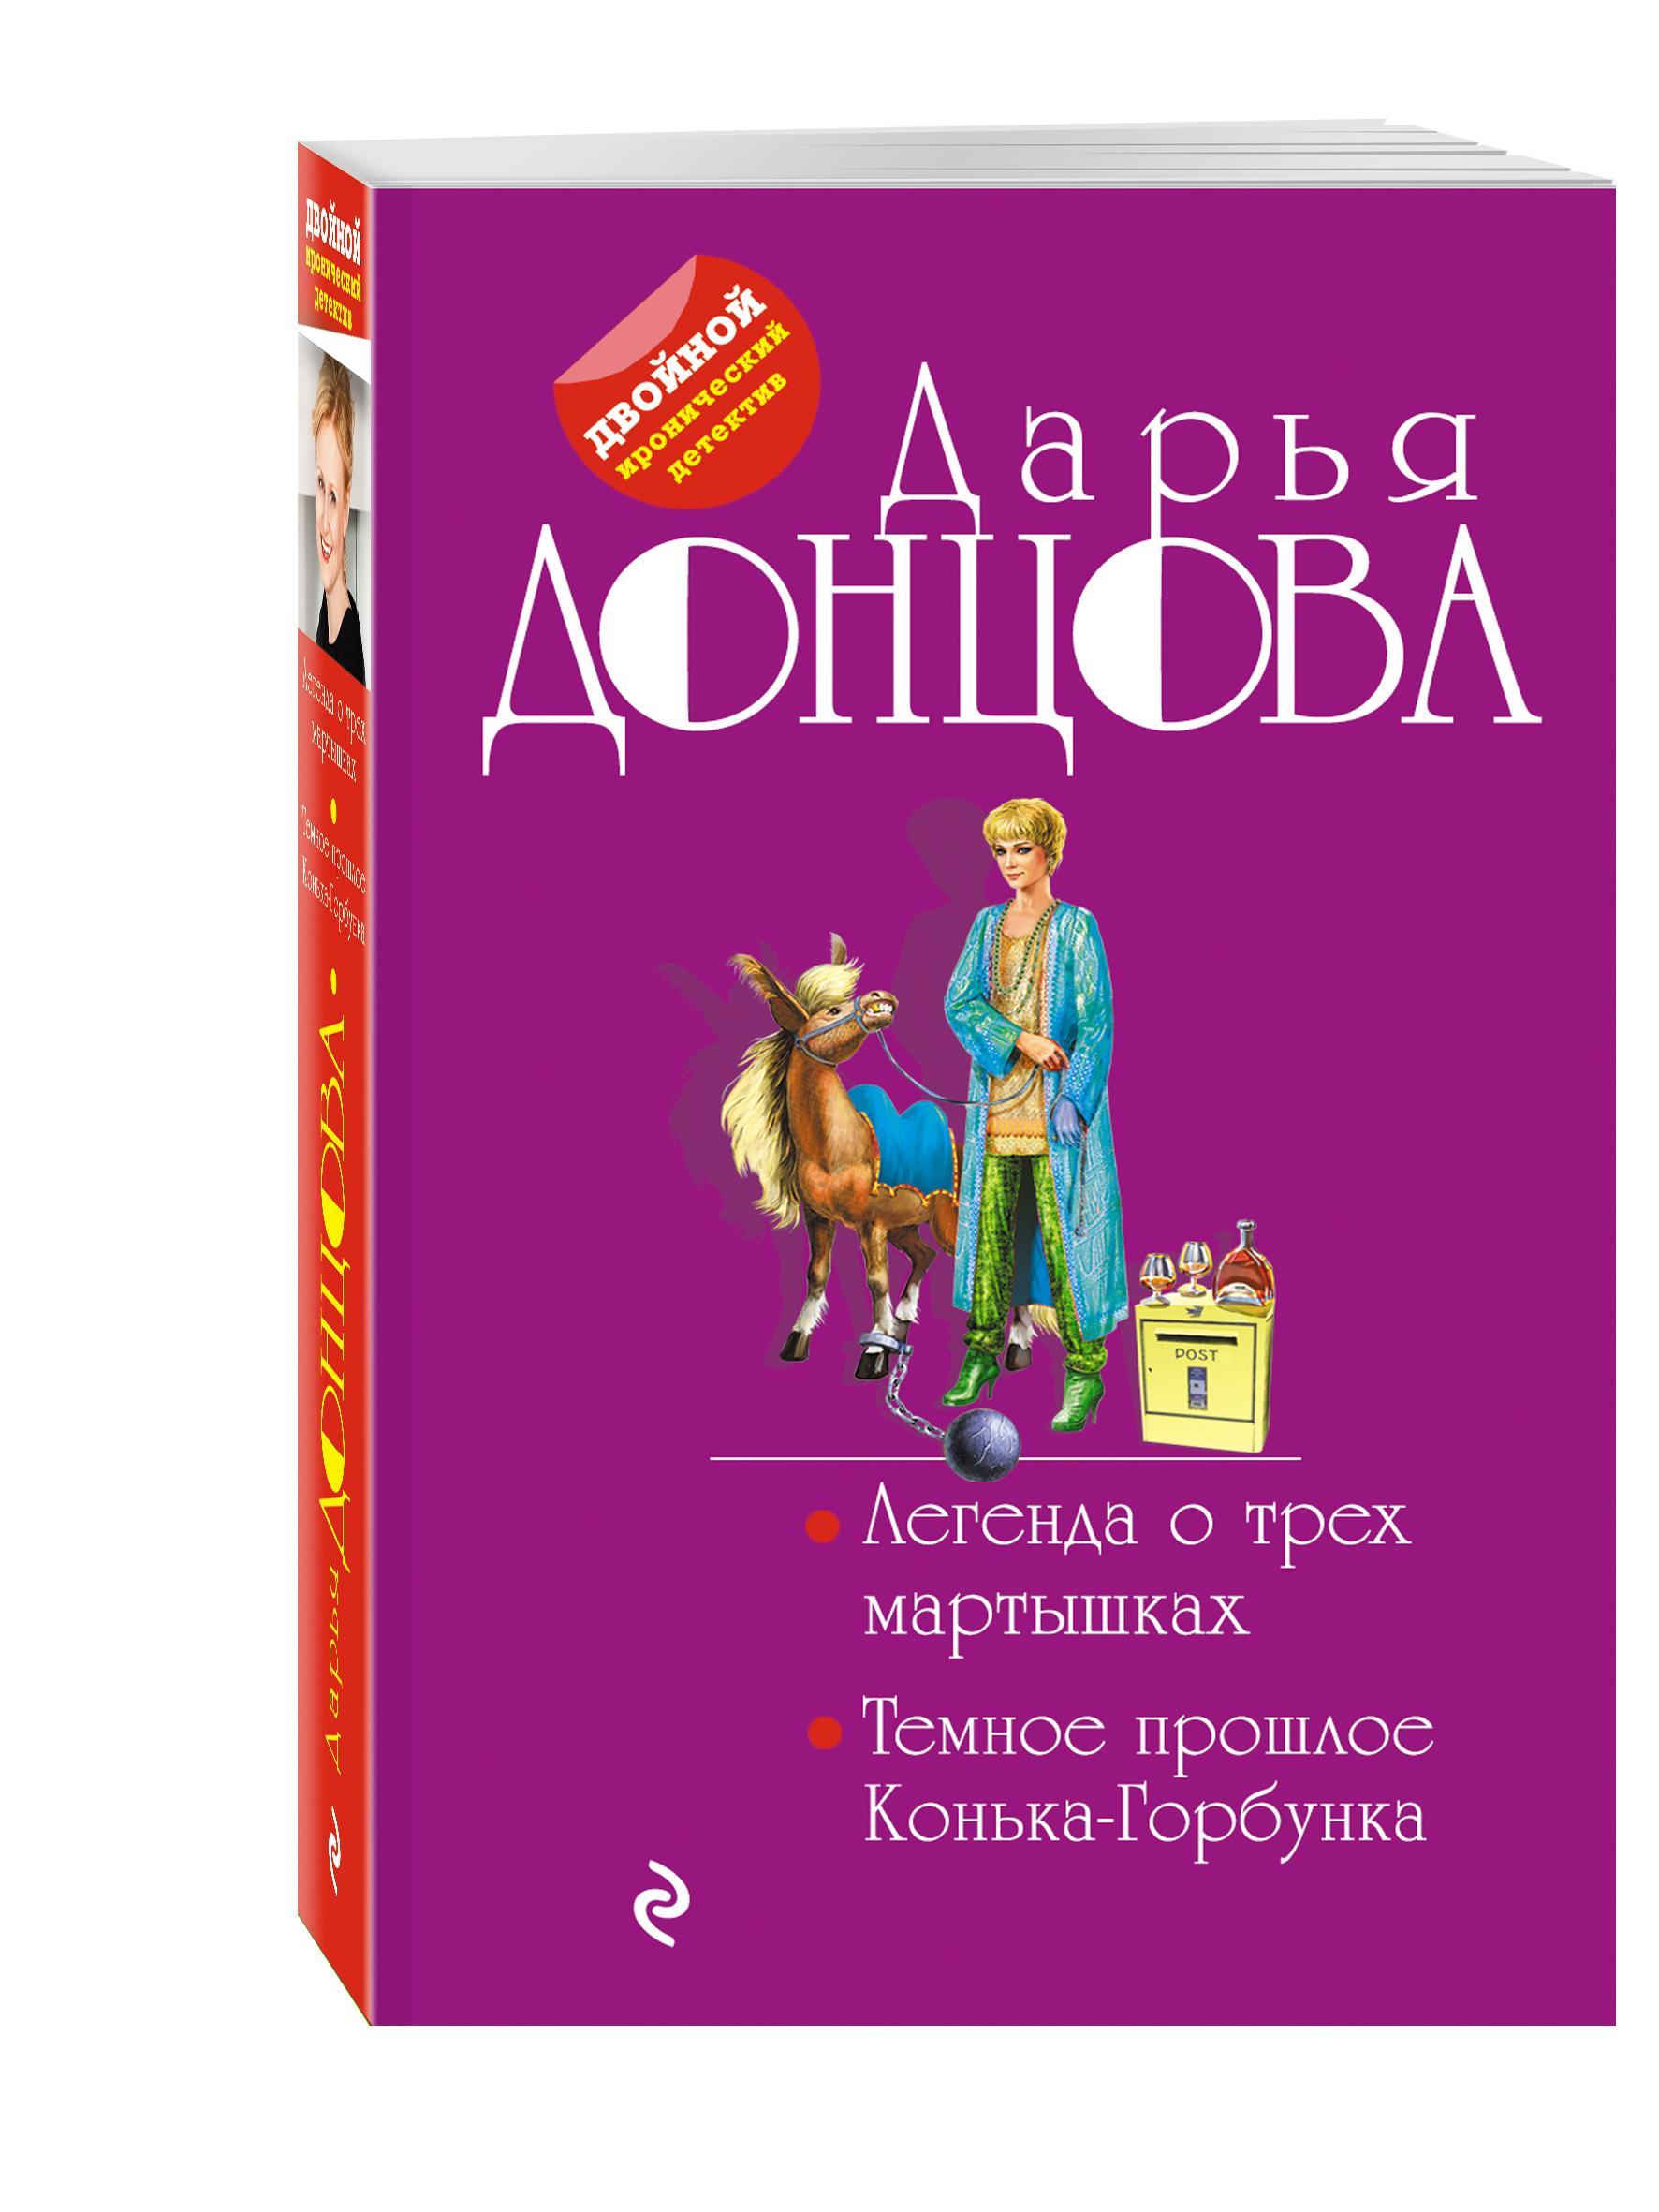 Донцова Д.А. Легенда о трех мартышках. Темное прошлое Конька-Горбунка